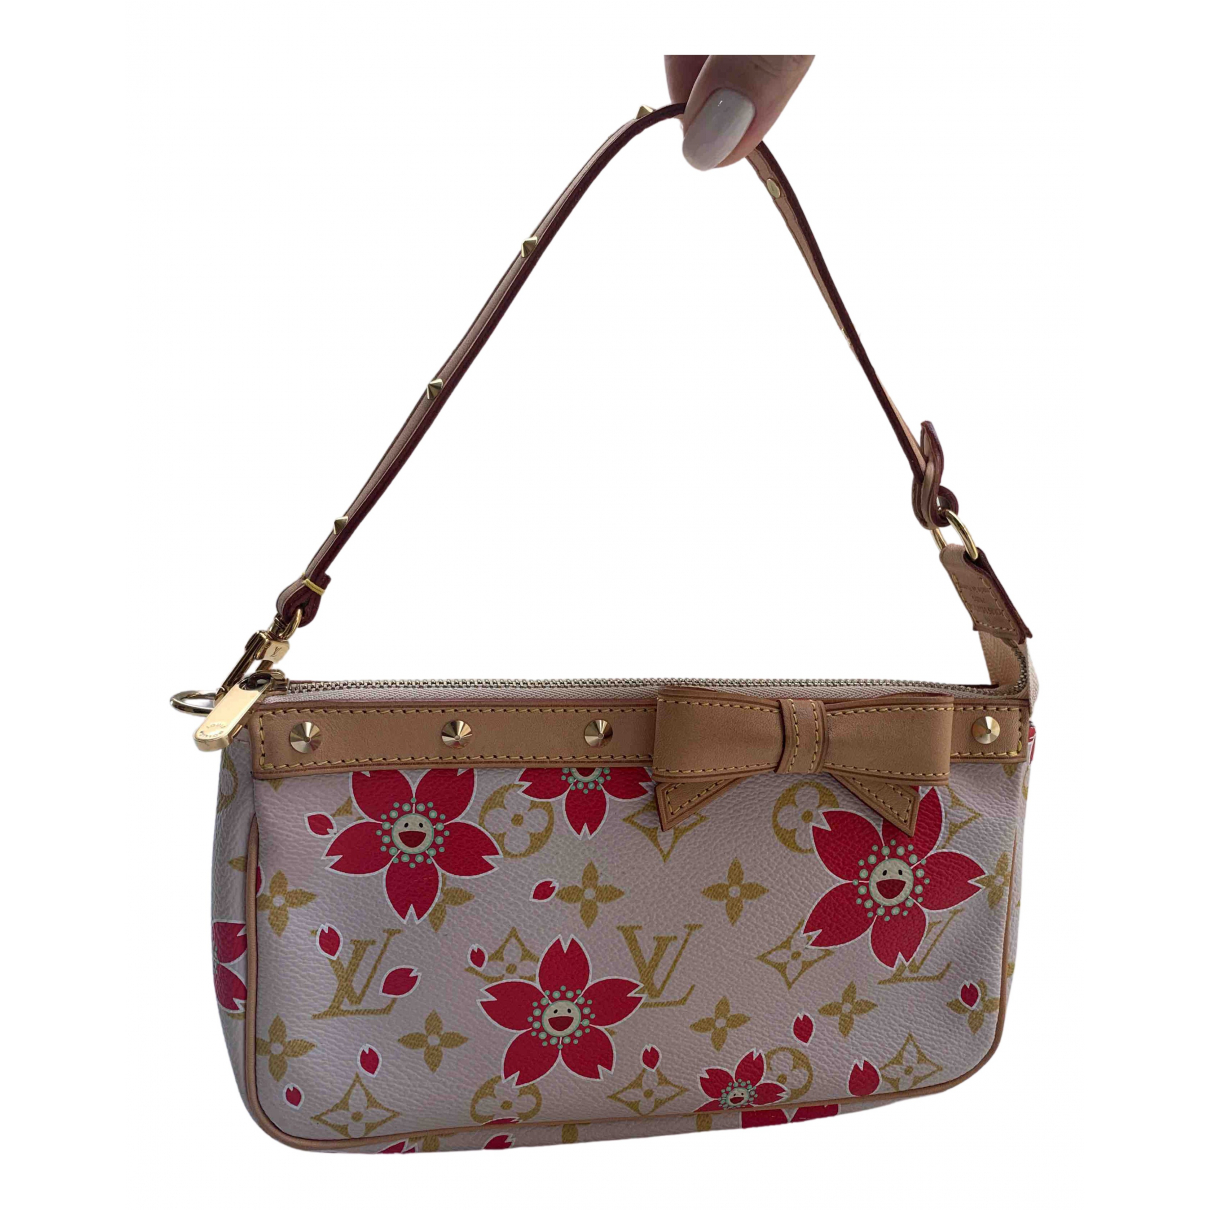 Louis Vuitton Pochette Accessoire Multicolour Cloth Clutch bag for Women N